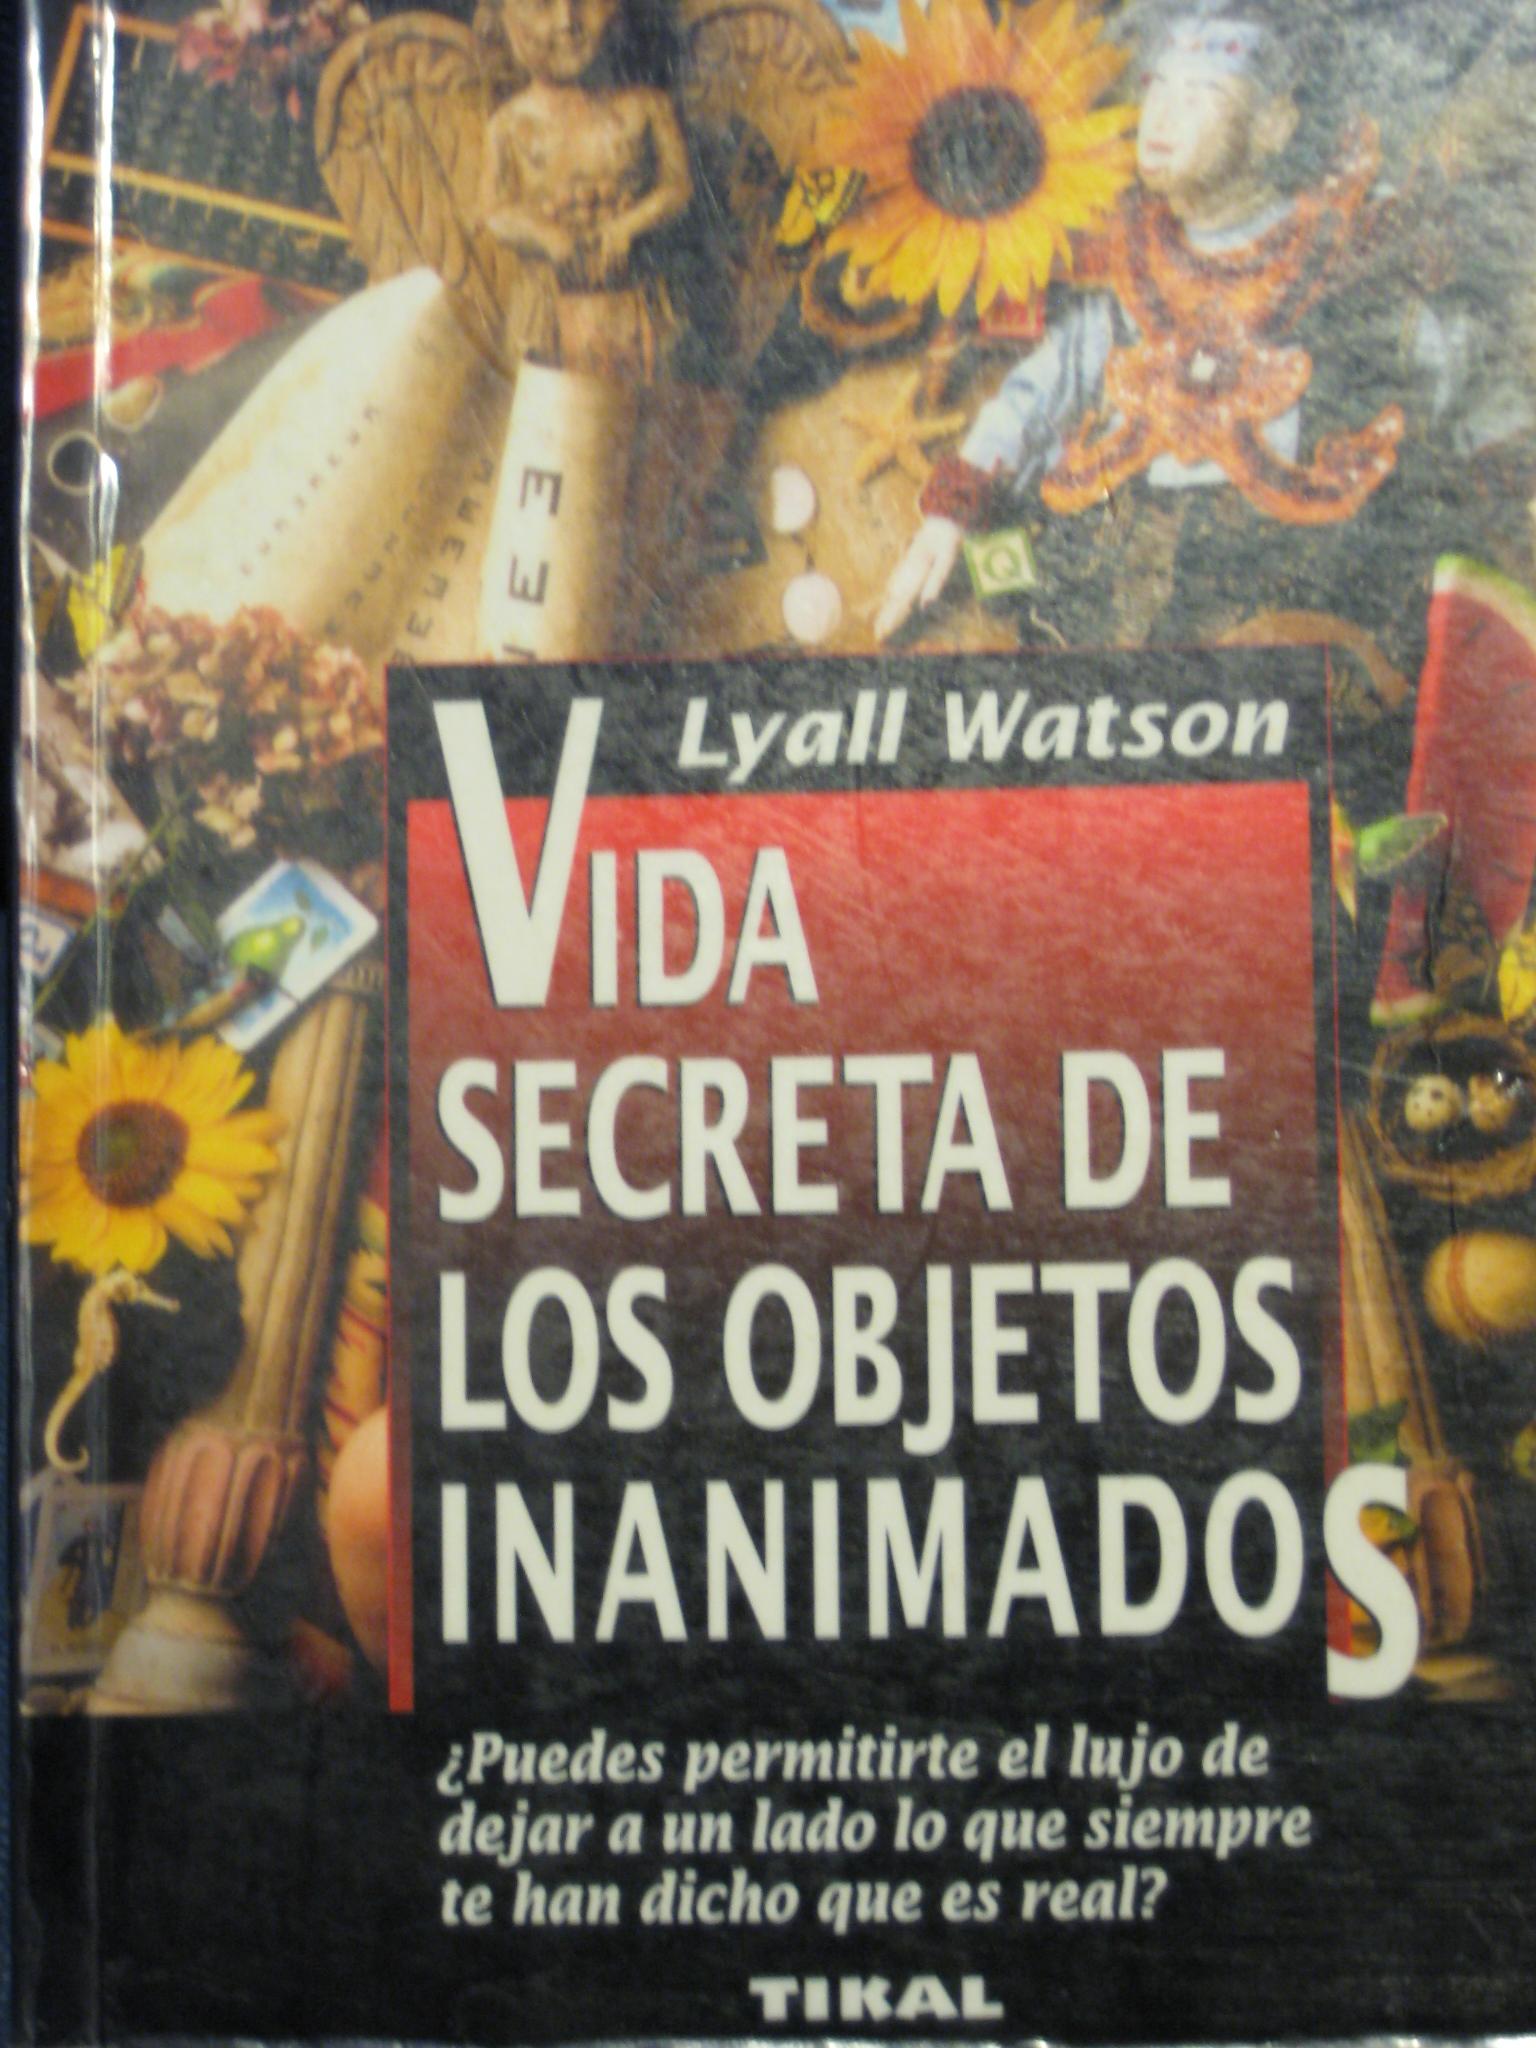 Vida secreta de los objetos inanimados